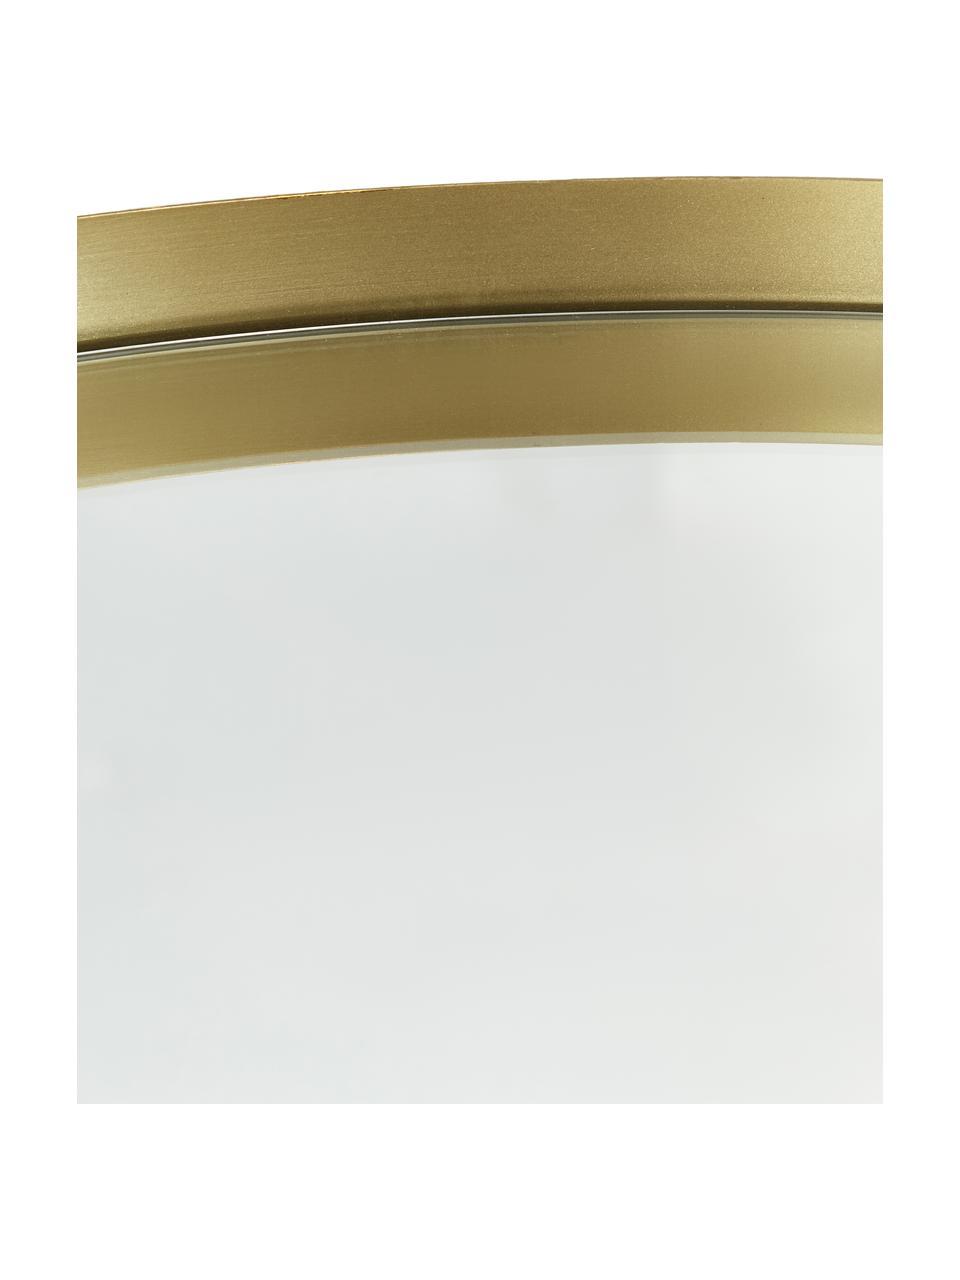 Ronde wandspiegel Ivy met een messingkleurig metalen lijst, Lijst: vermessingd metaal, Messingkleurig, Ø 72 cm